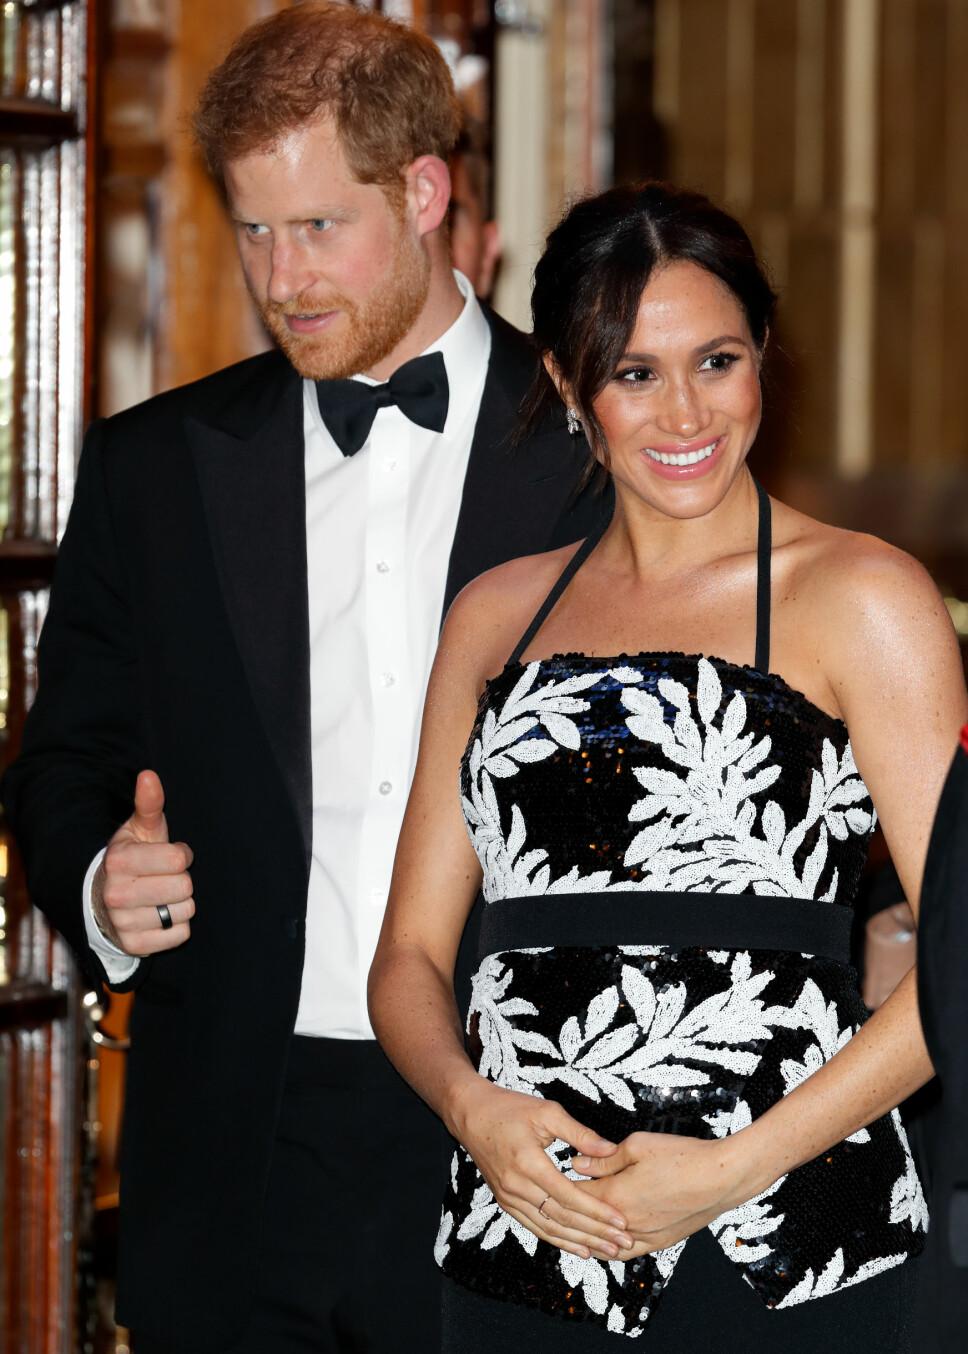 HÅNDEN PÅ MAGEN OG TOMMELEN OPP: Det er lykkelige tider i det britiske kongehuset.